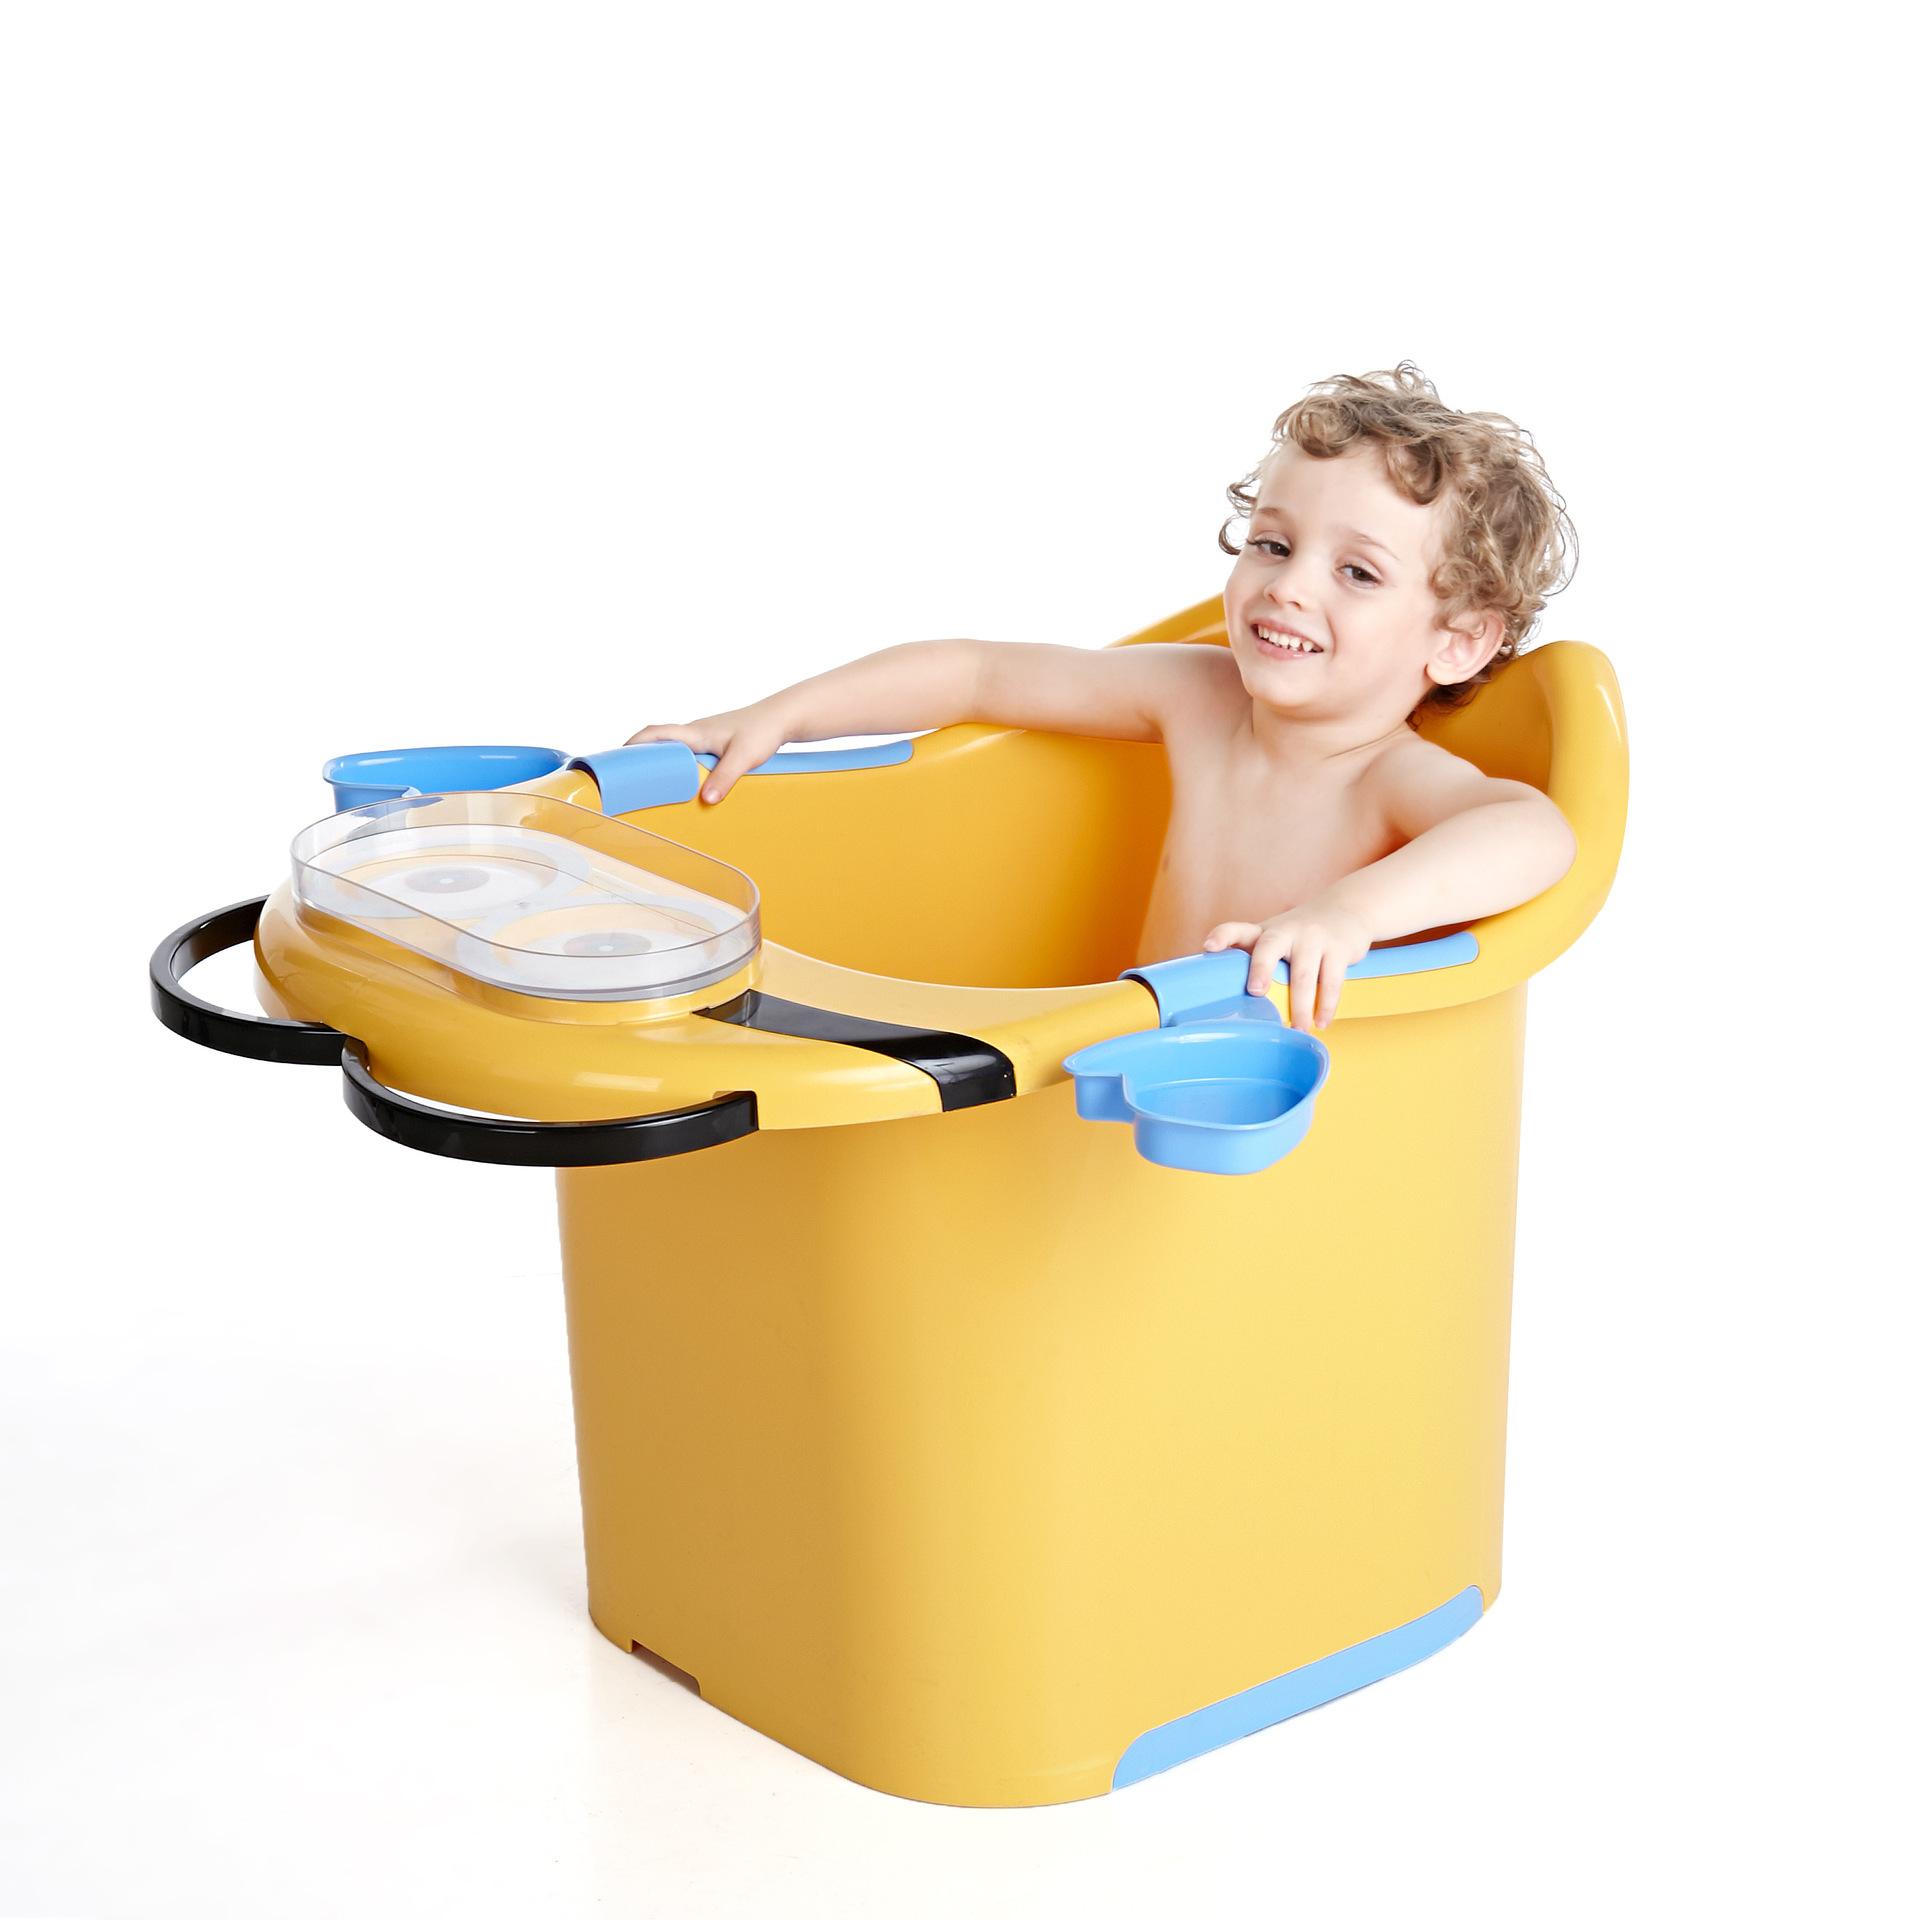 宝宝洗澡图片